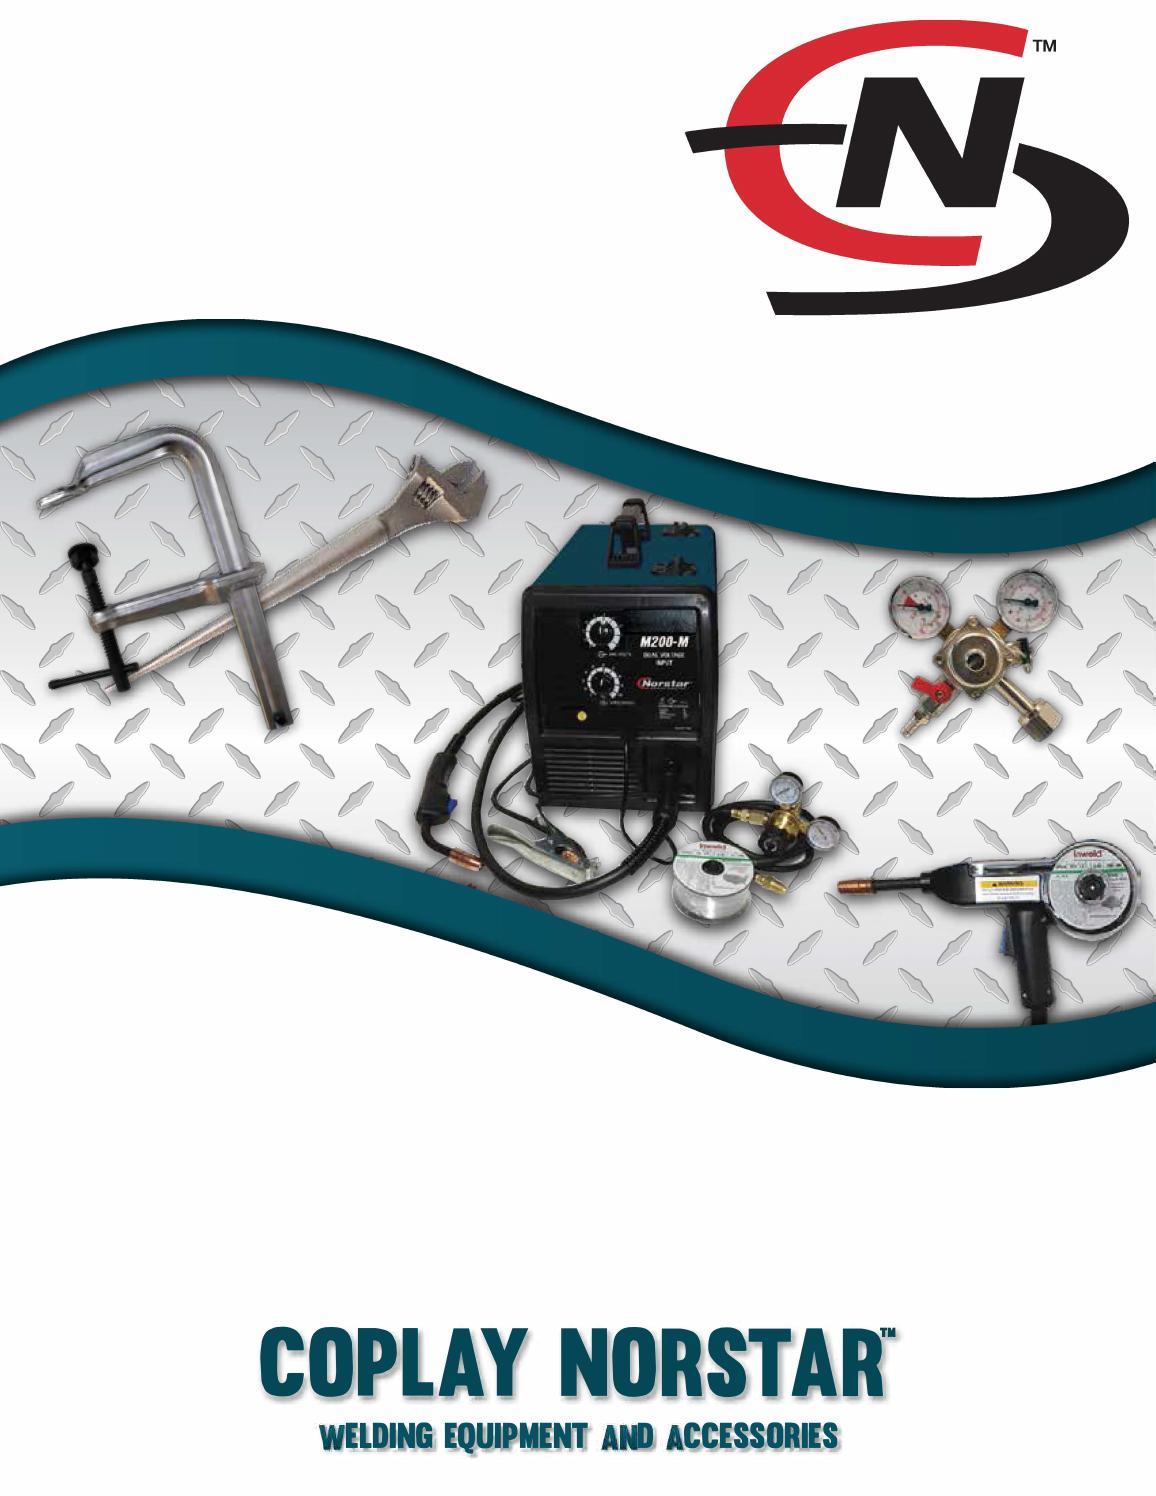 Coplay-Norstar Medium Duty Cutting Attachment V1350